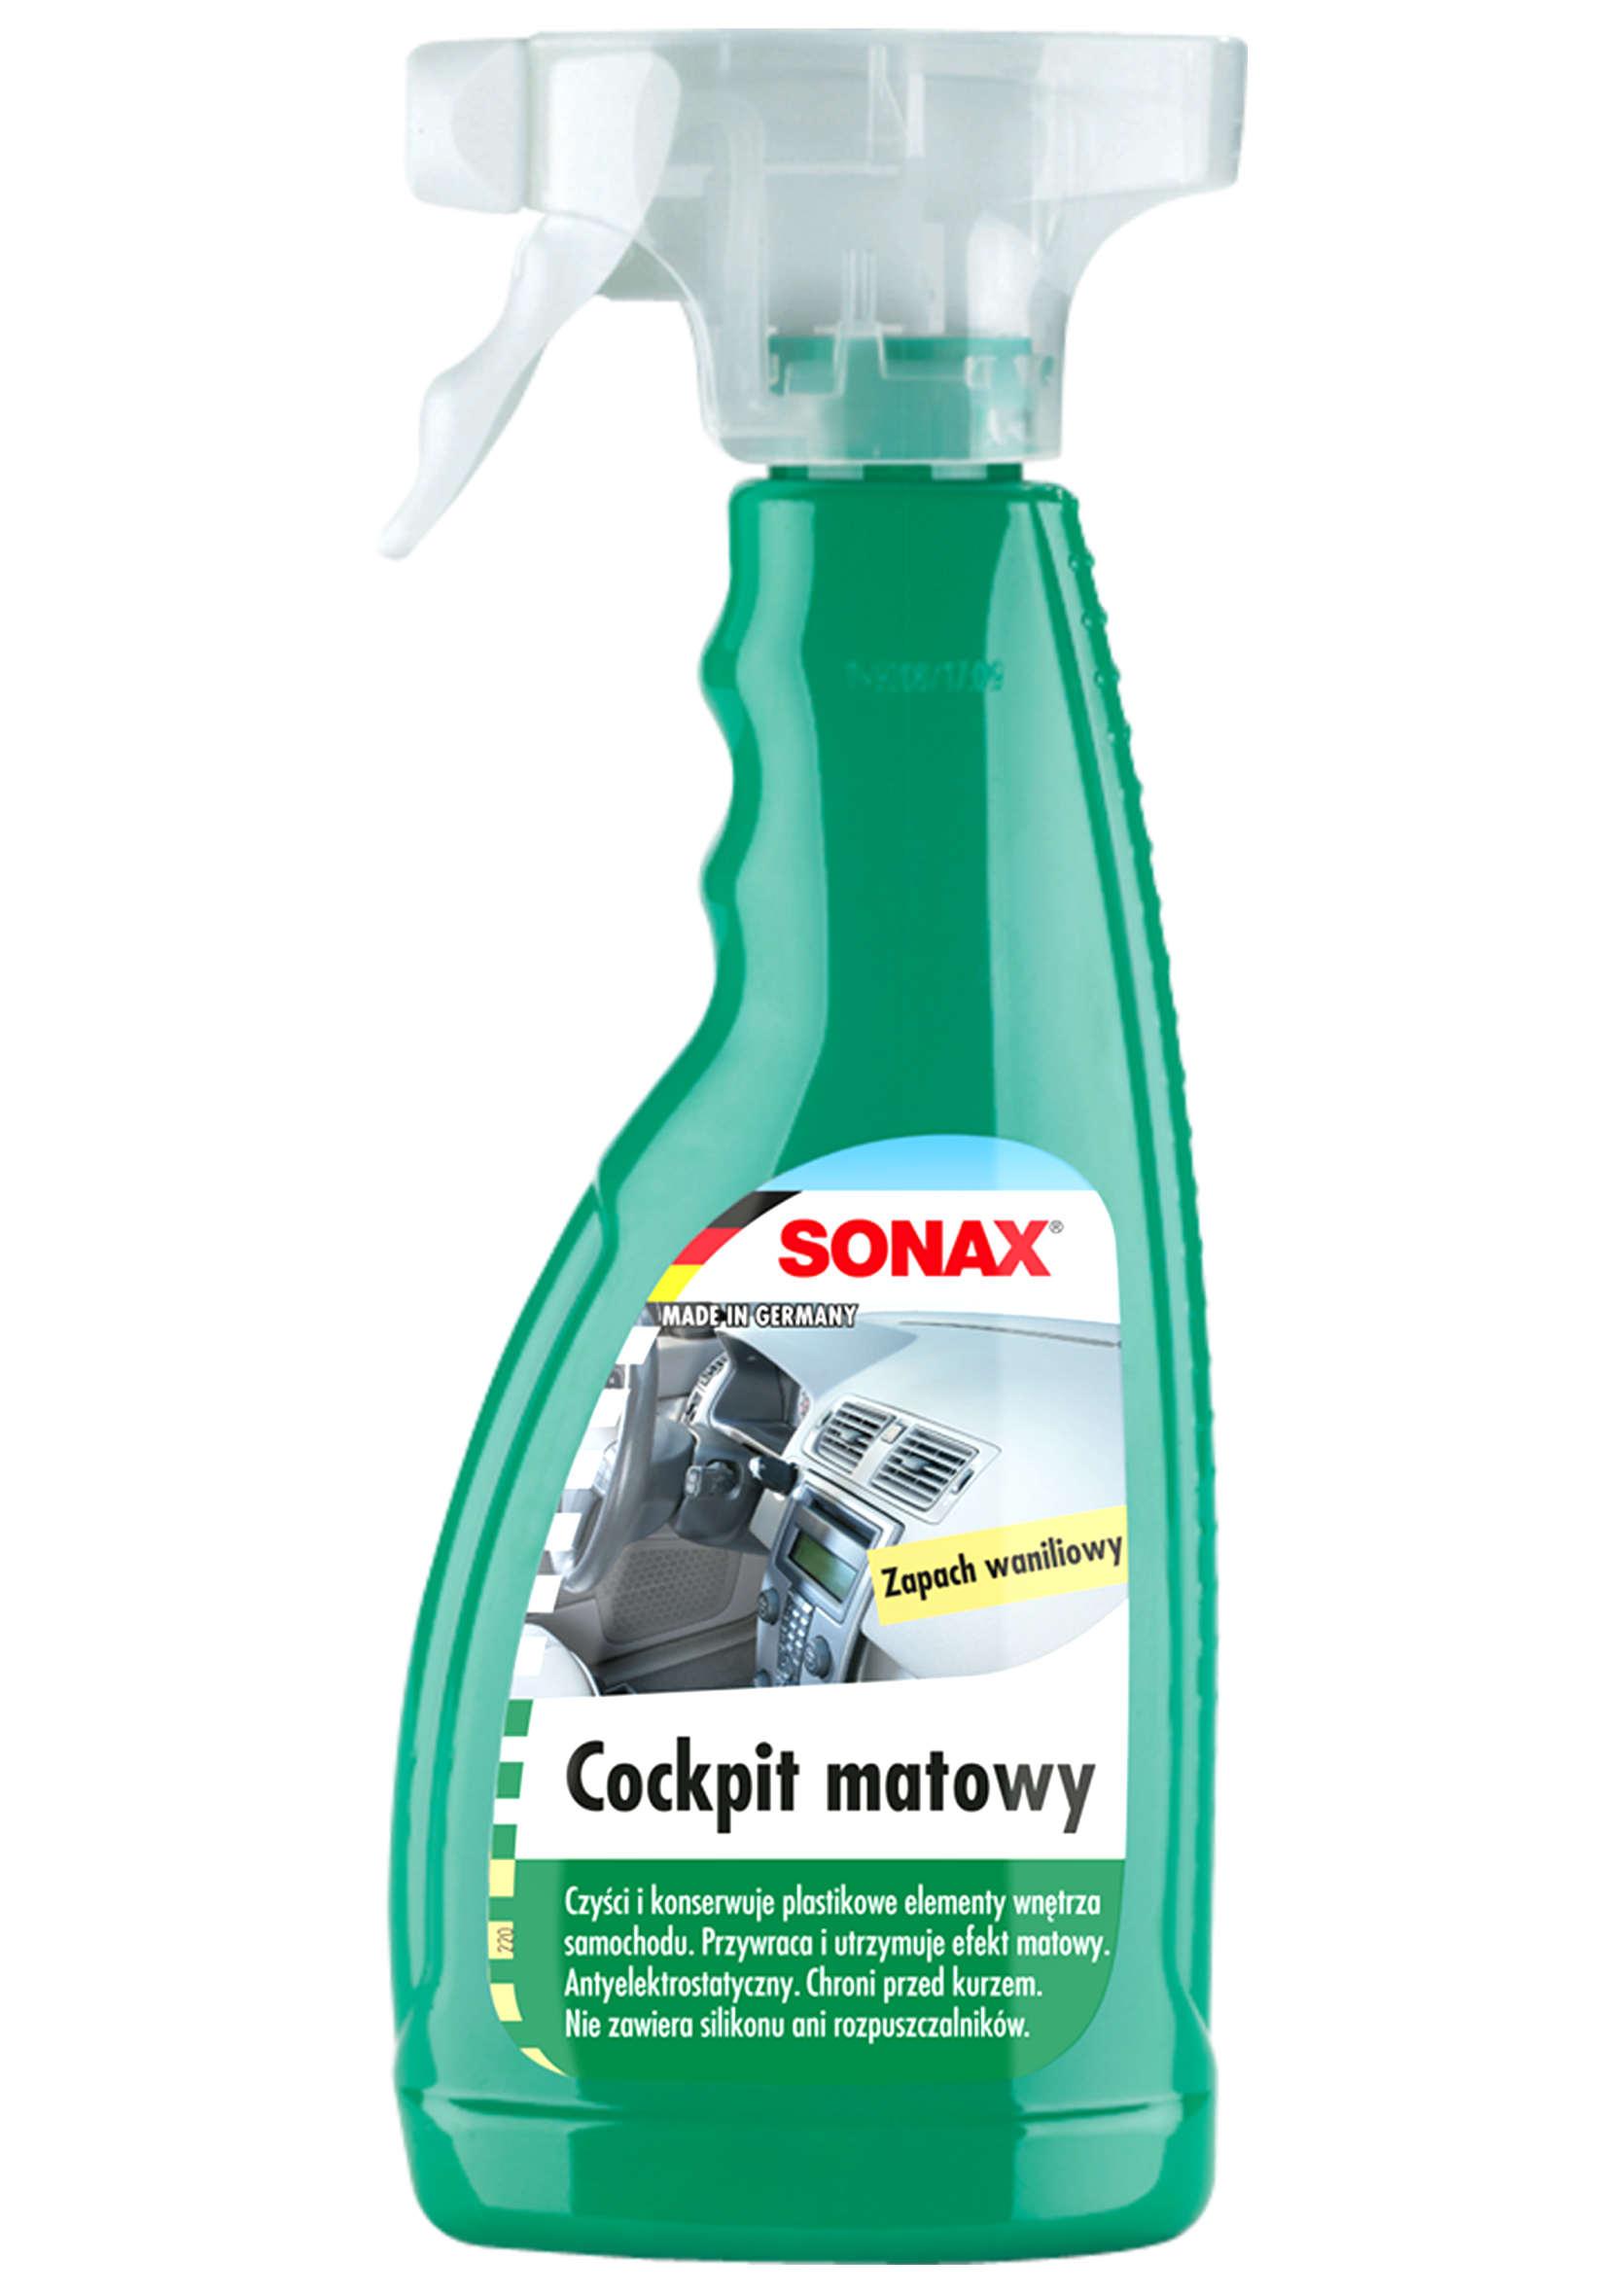 Preparat do Pielęgnacji Kokpitu Sonax Cockpit Matowy Wanilia 500ml